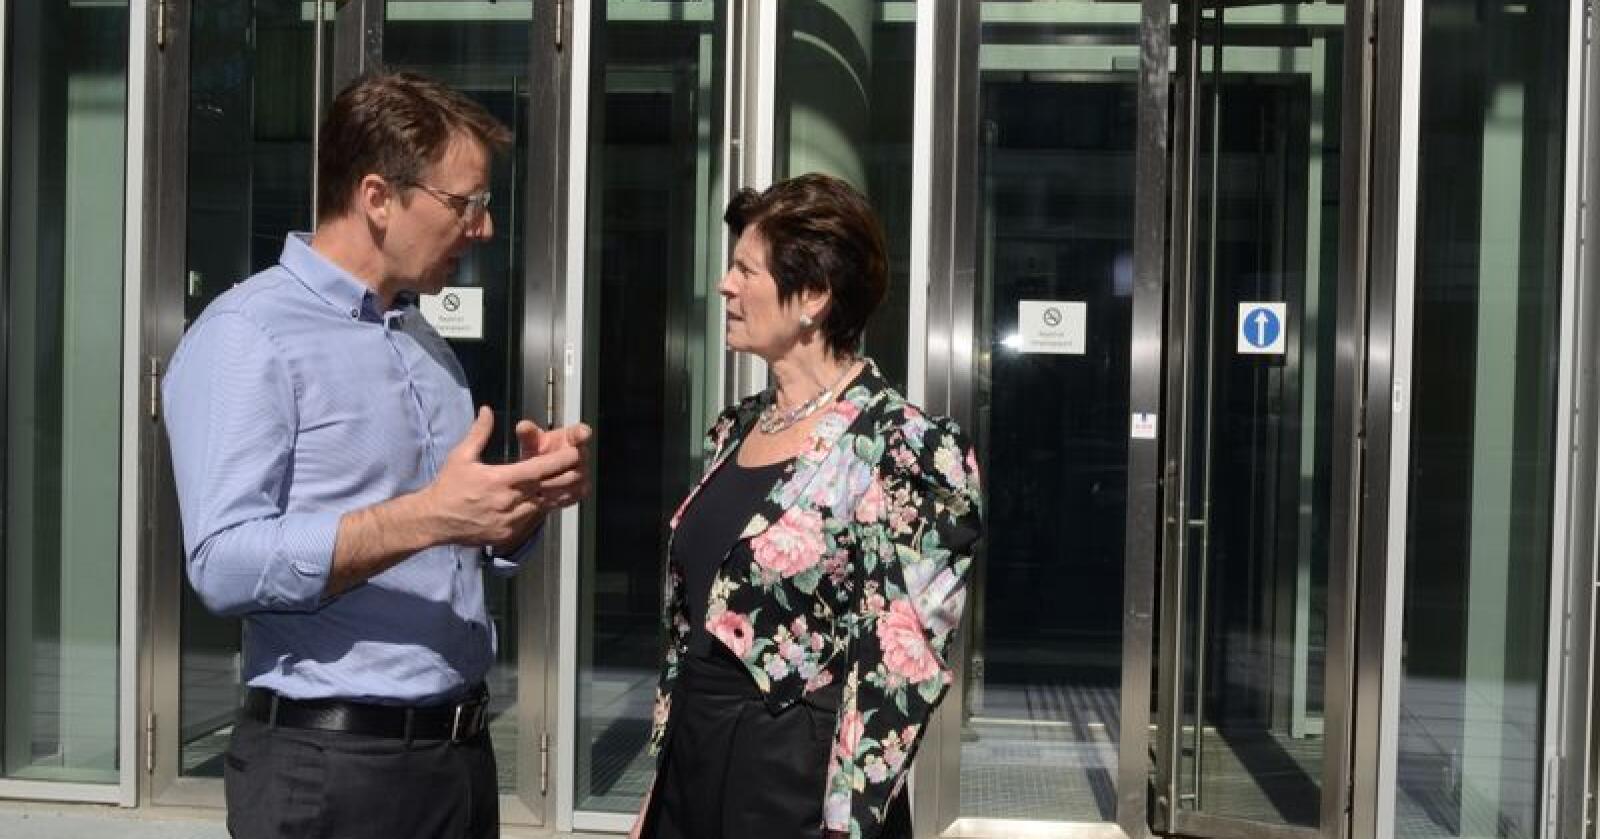 Lars Petter Bartnes og Merete Furuberg kjemper for at landbruket skal få en krisepakke. Foto: Linda Sunde